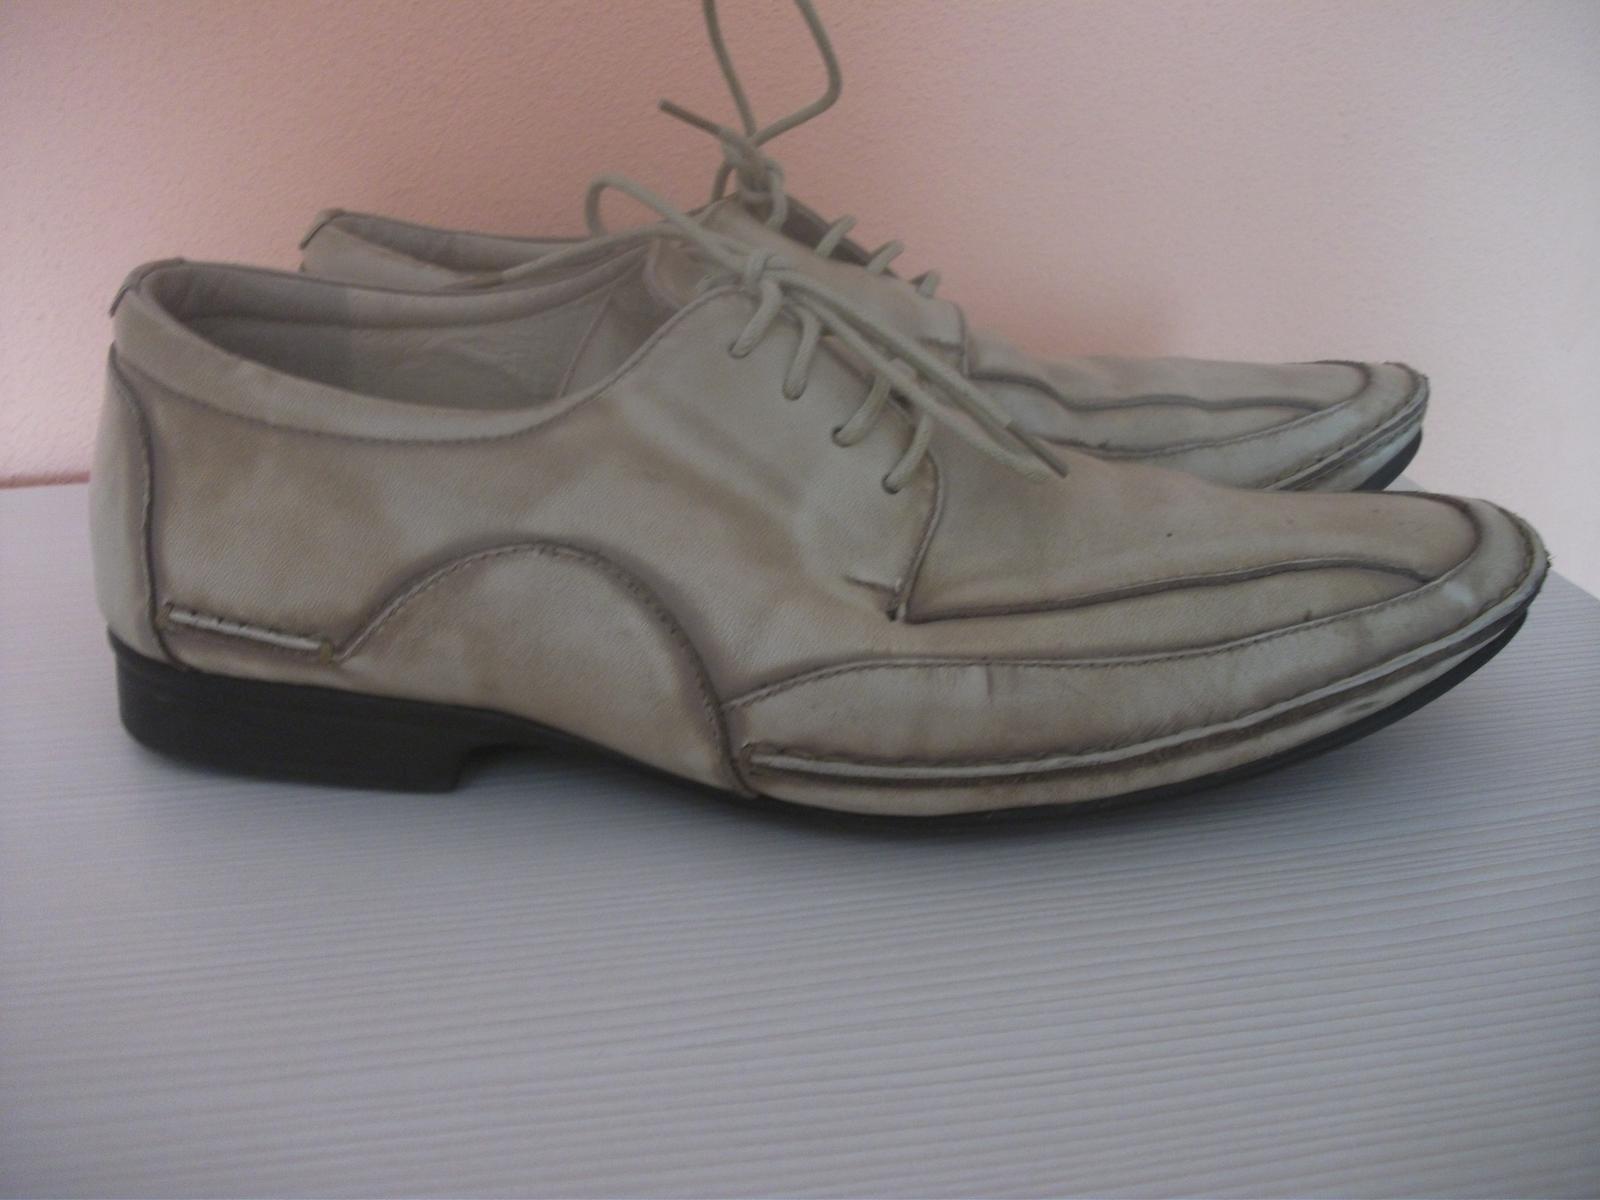 f2d06531fb2 Spoločenské topánky zn. john garfield